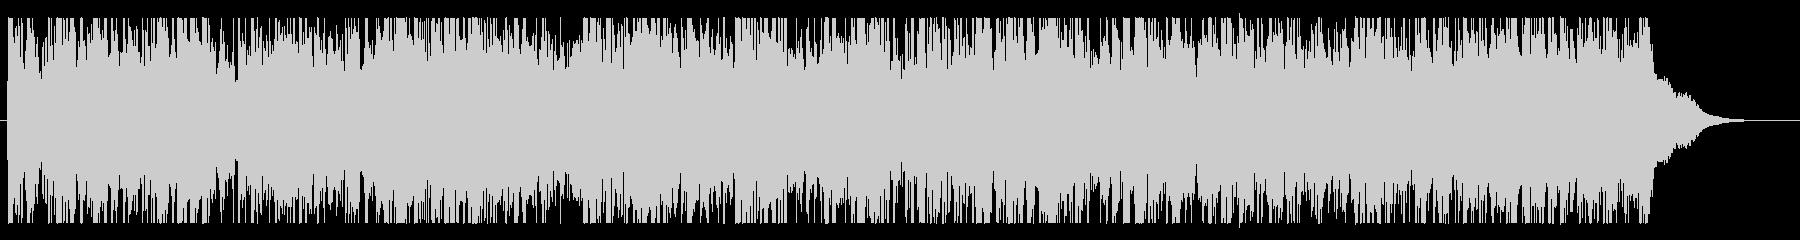 プロ生演奏アイリッシュケルトバイオリン2の未再生の波形